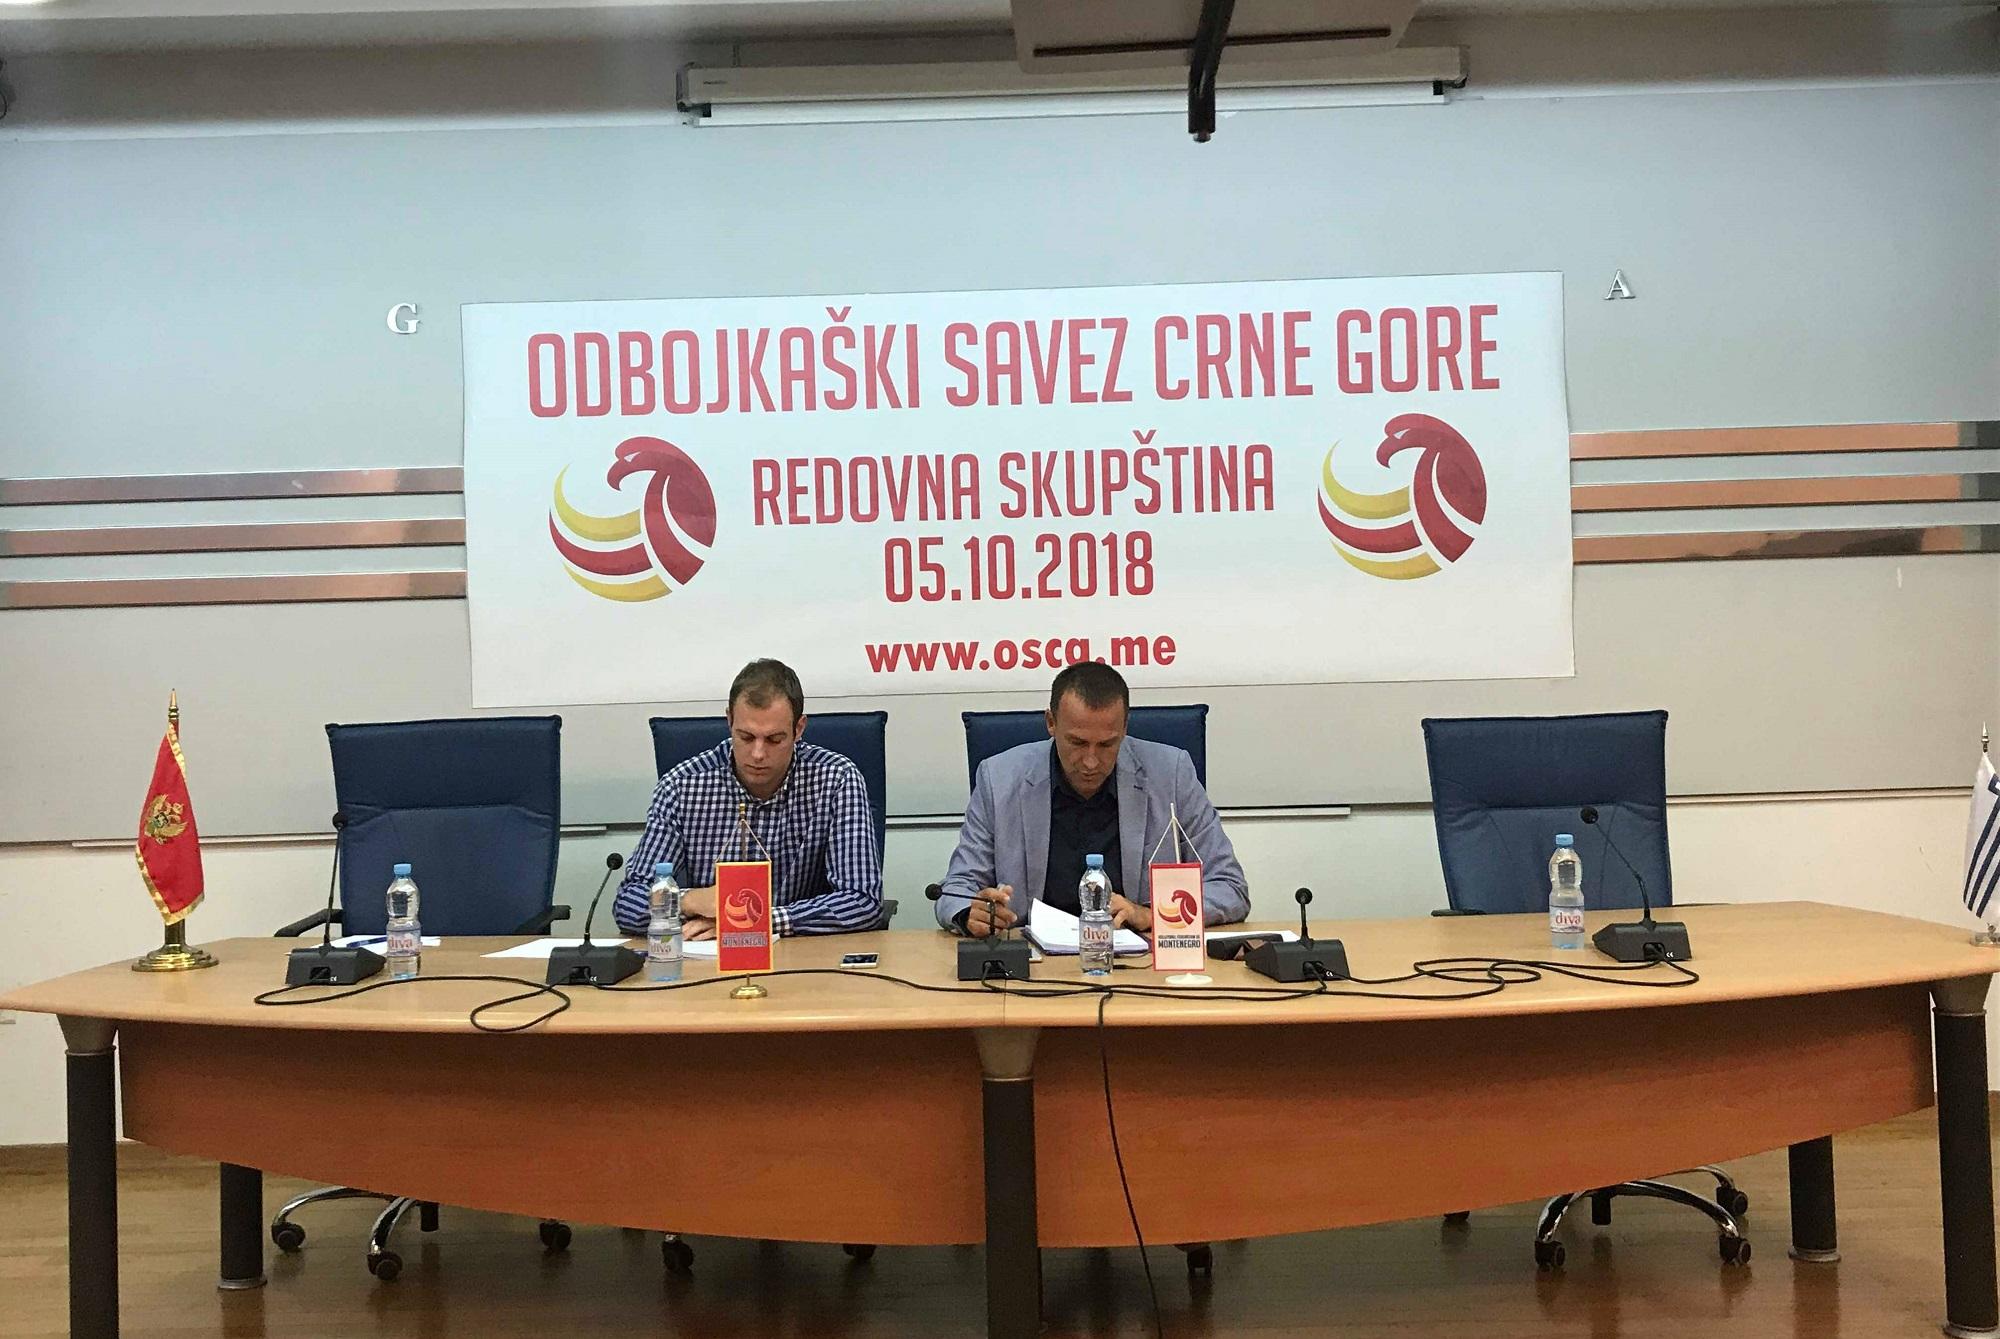 Skupština OSCG 2018. Cvetko Pajković, Miloš Jovanović